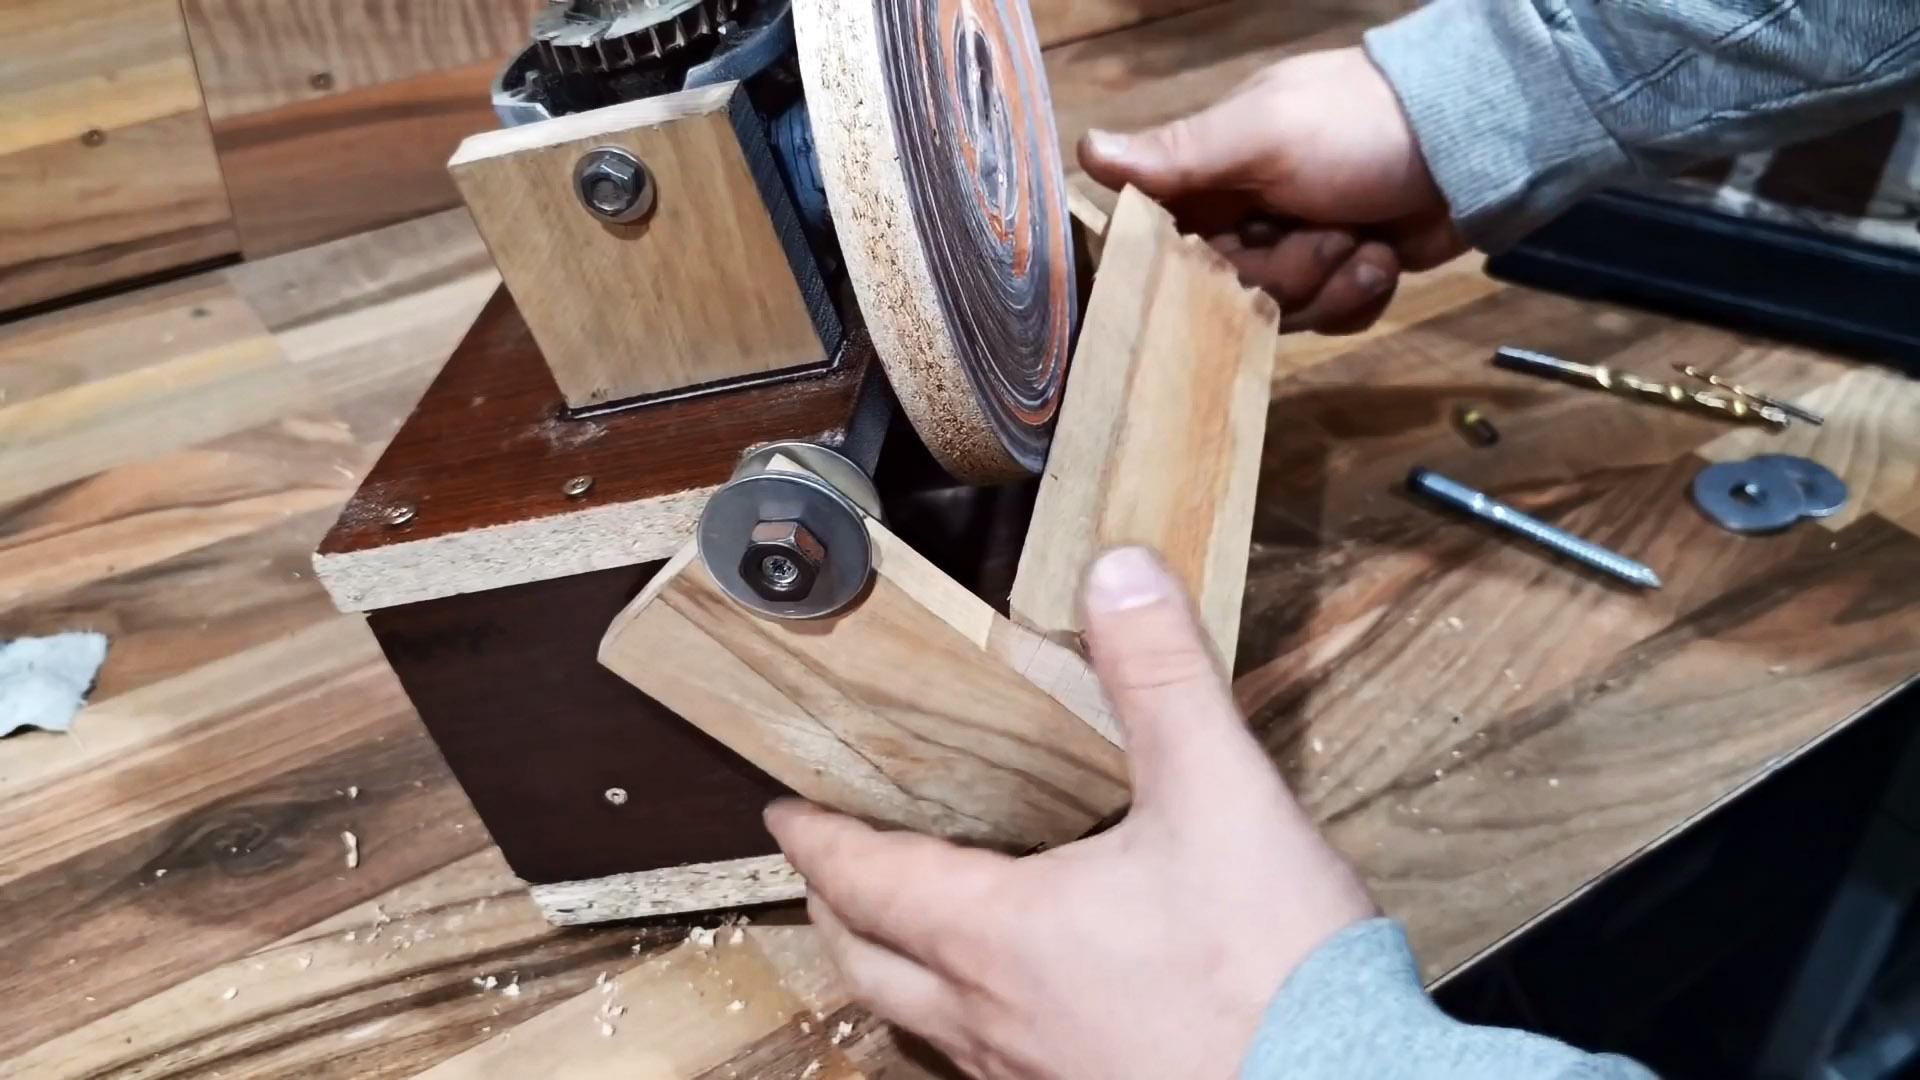 Как из редуктора болгарки сделать шлифовально-точильную приставку 2 в 1 к сверлильному станку